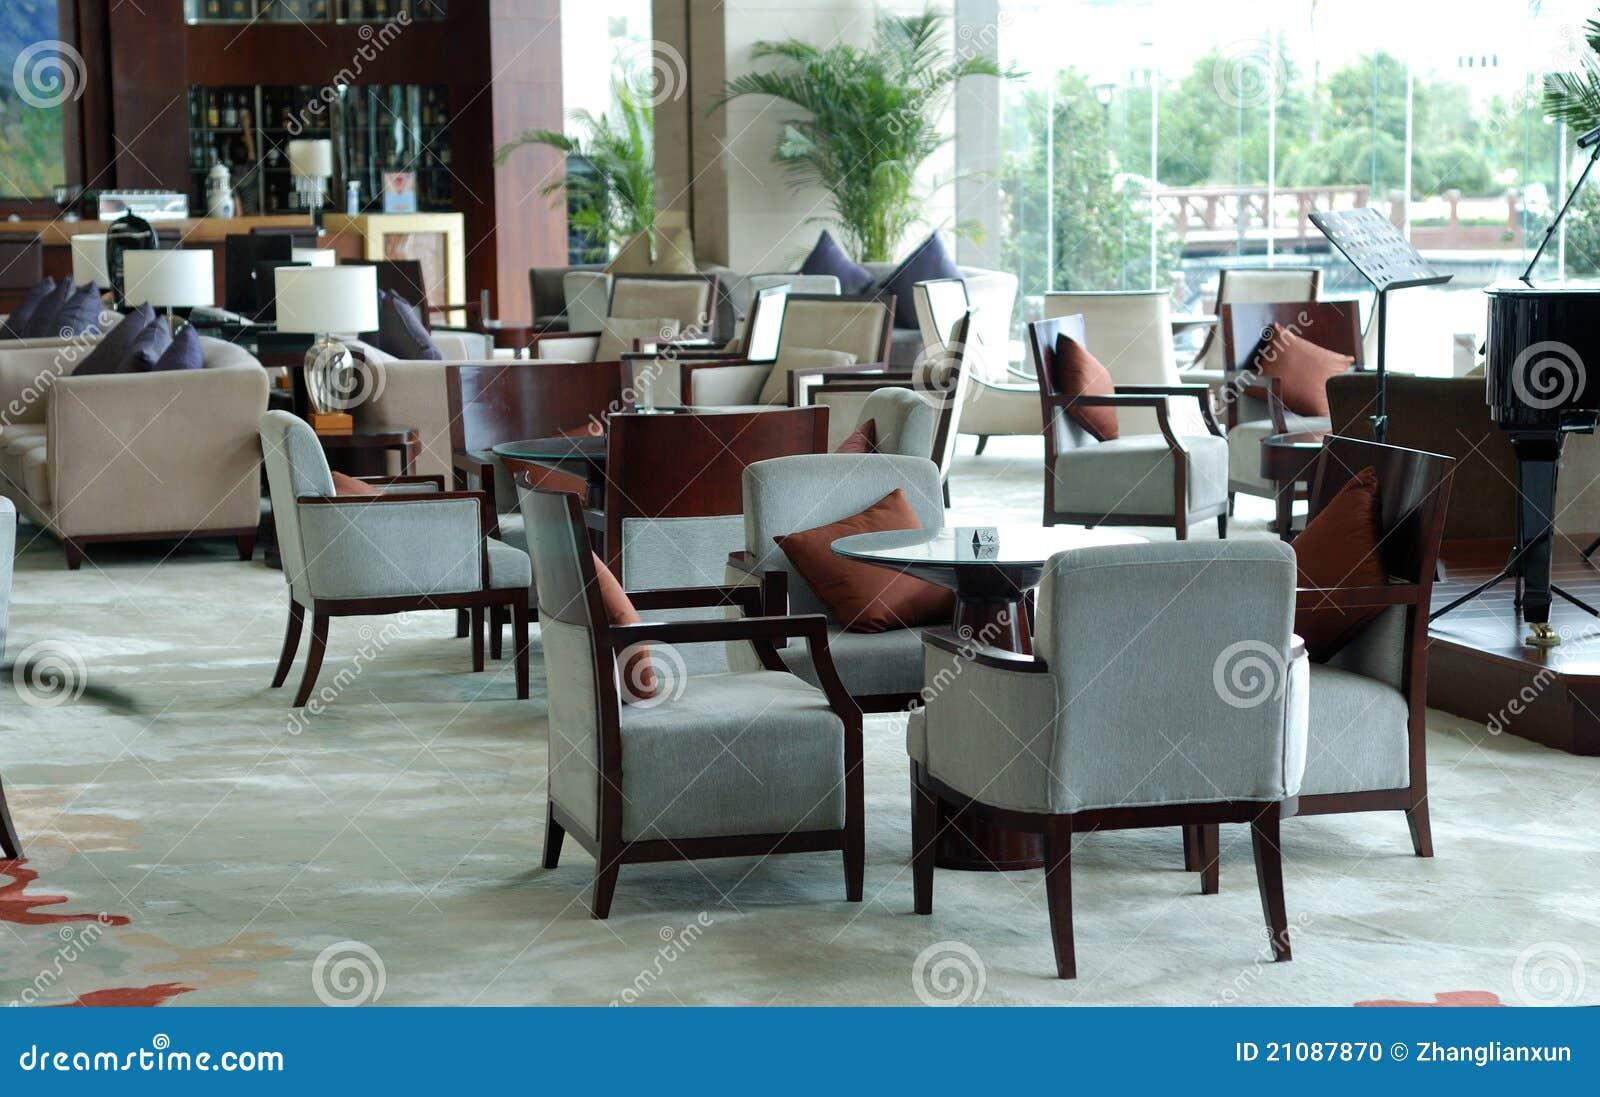 Luxury Hotel Lounge Area Stock Photo Image Of